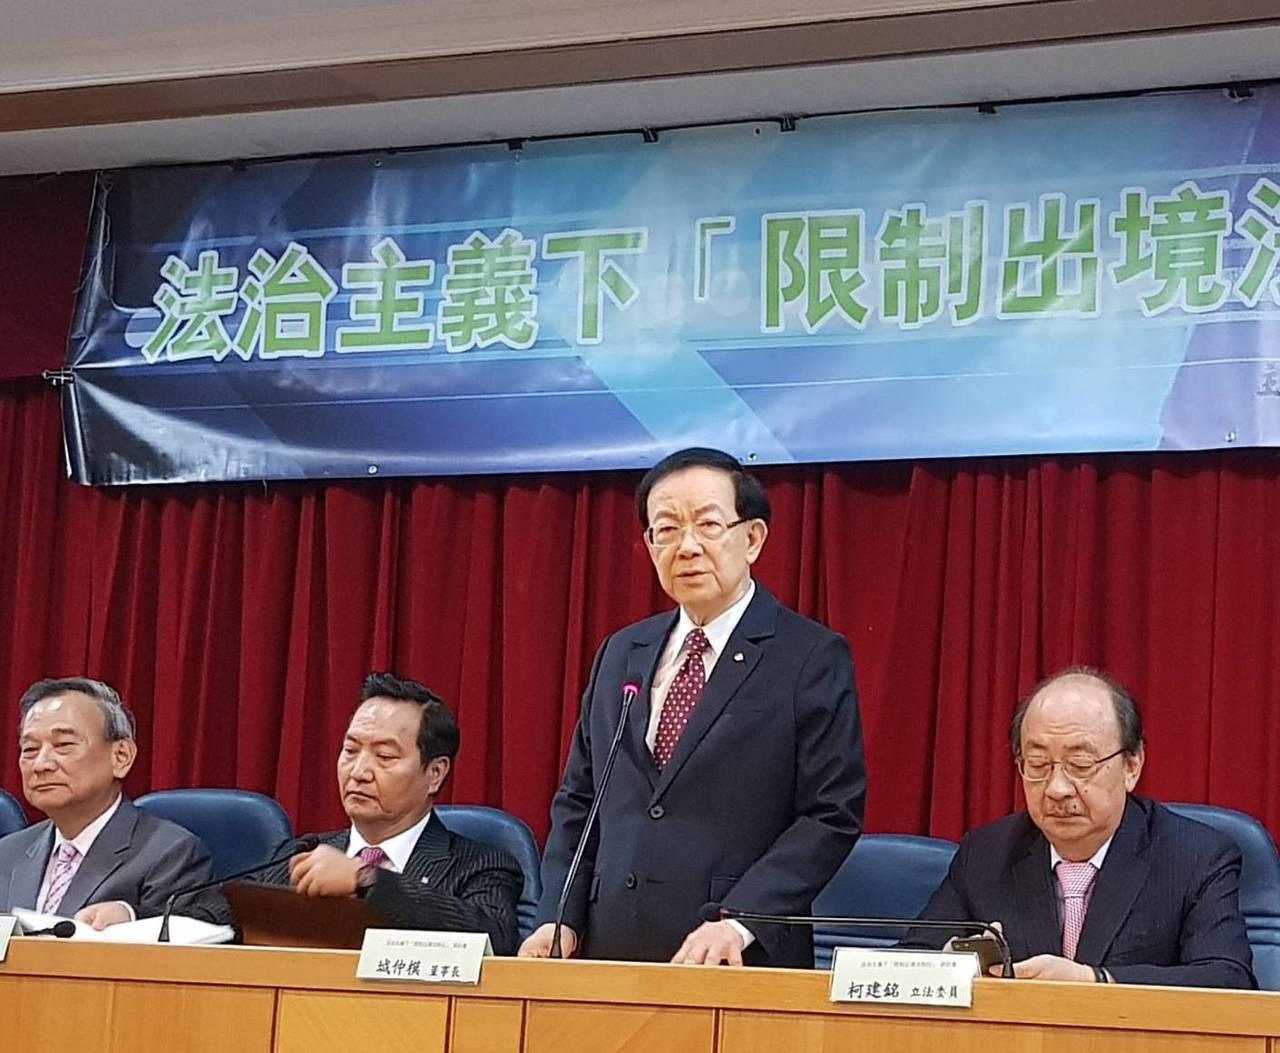 台灣法治暨政策研究基金會舉行限制出境相關法律研討會,基金會董事長及多名與會人員都...